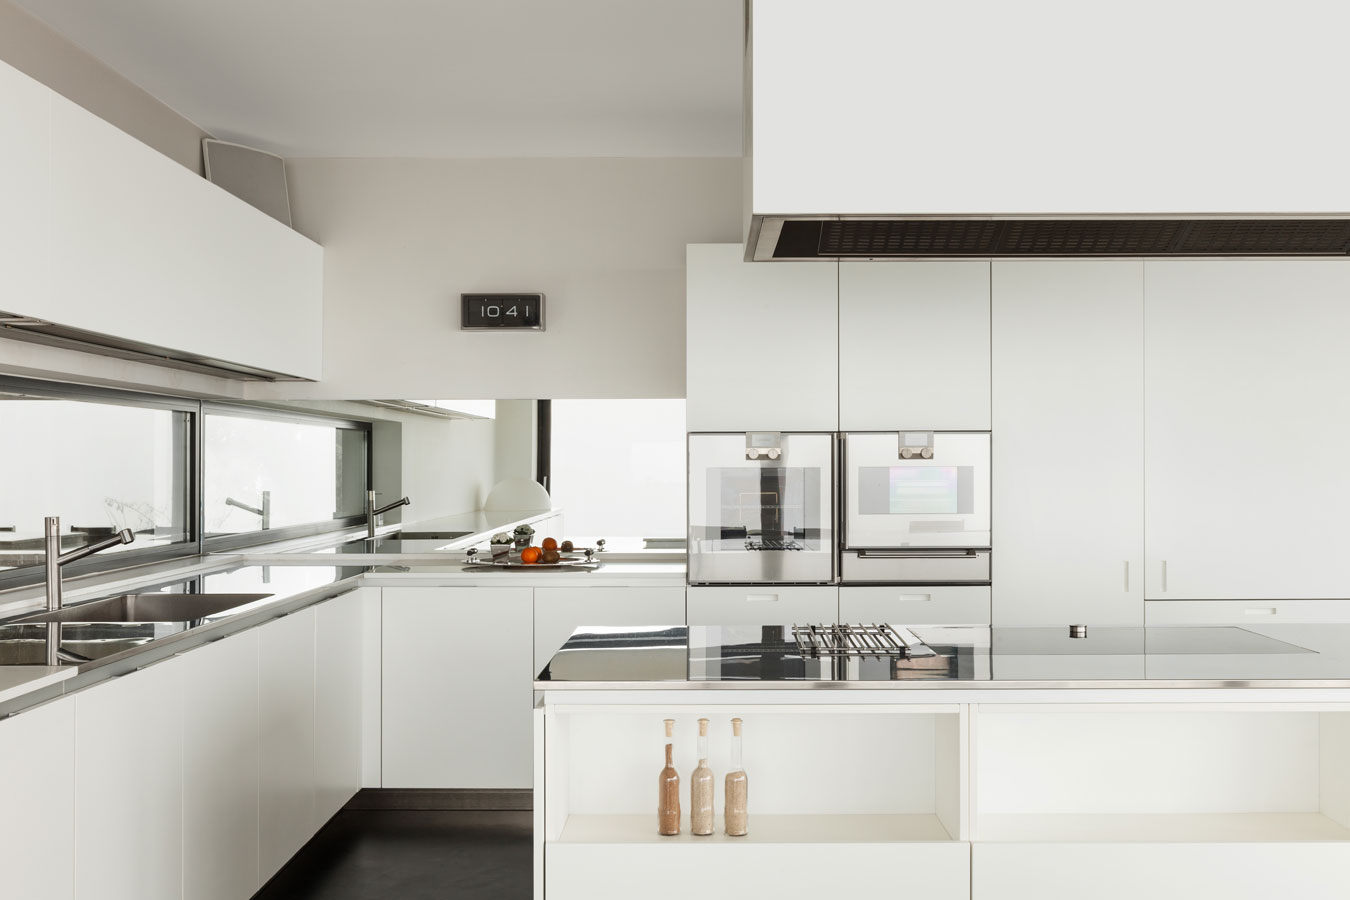 Keuken idee u00ebn   Tips keukens ontwerpen  u0026 Inspiratie foto u0026#39;s